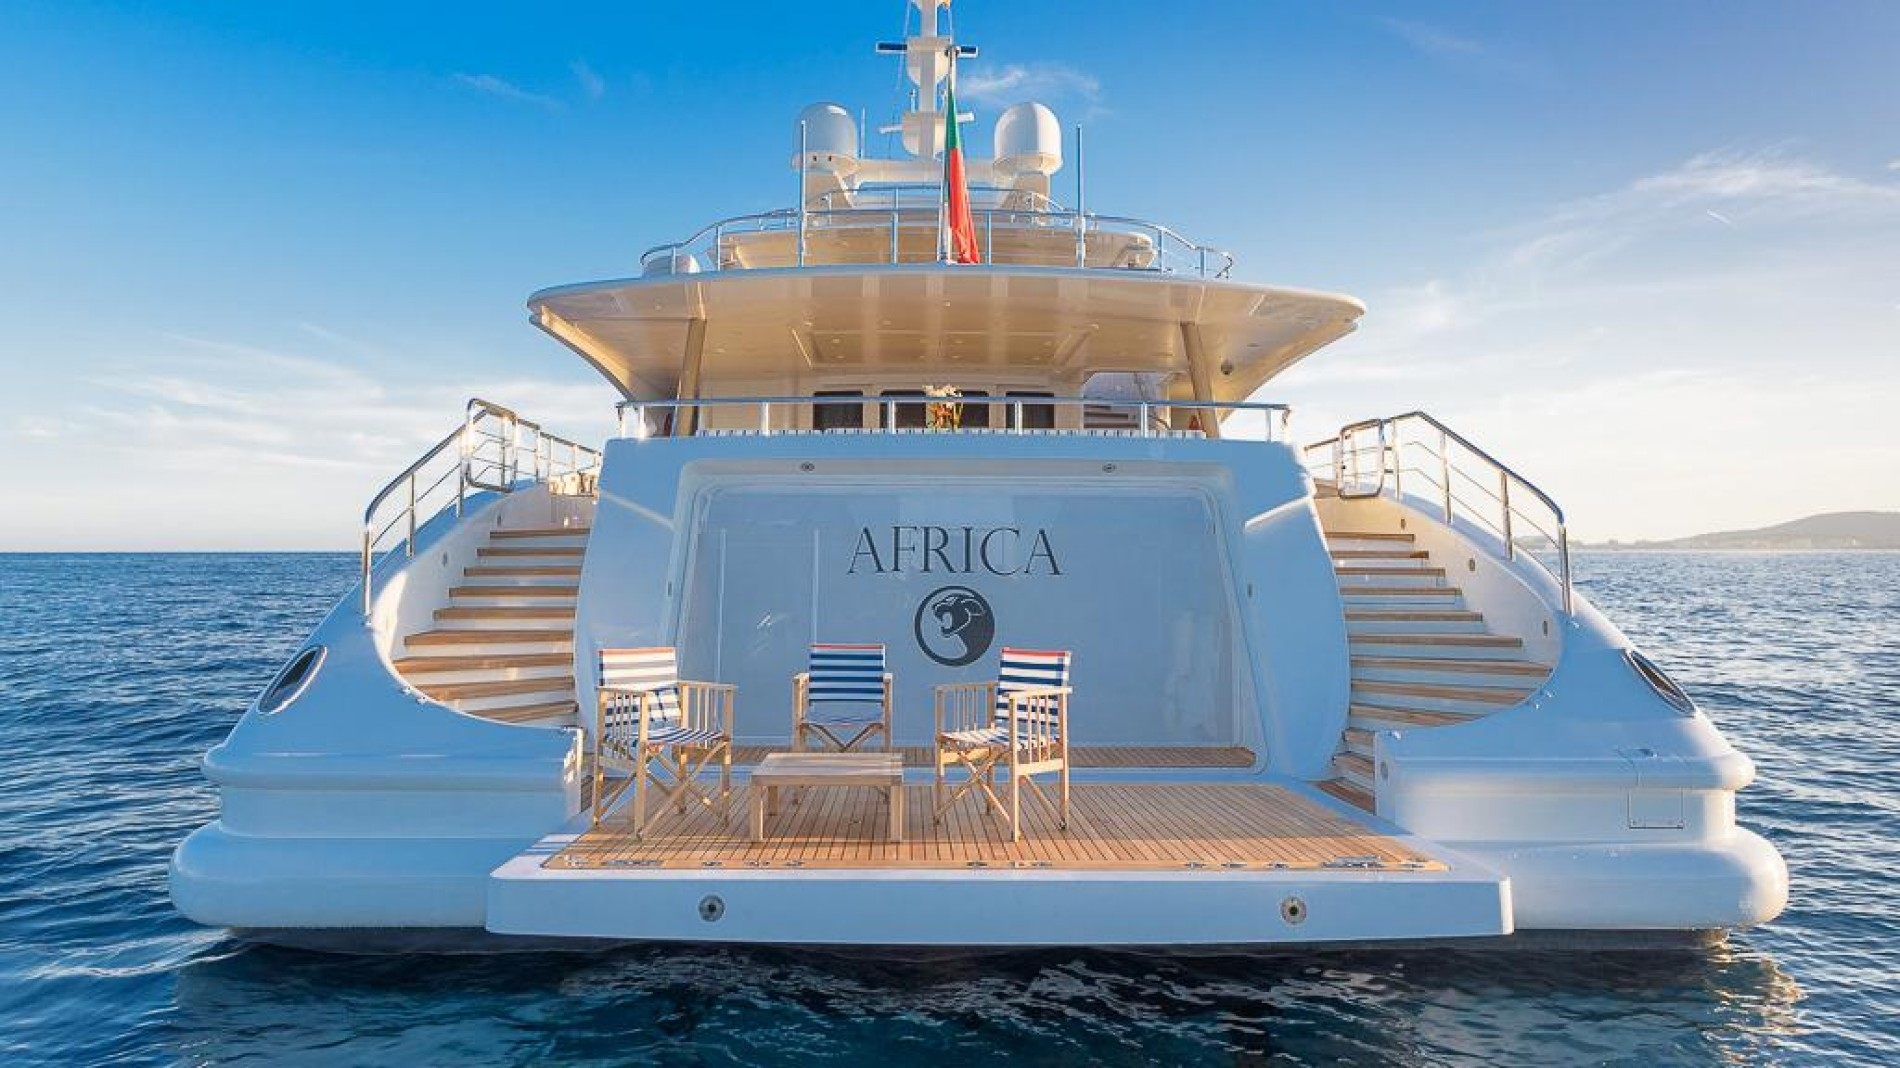 بقيمة 16.5 مليون يورو: هل اشترى رونالدو يخت أفريكا 1؟